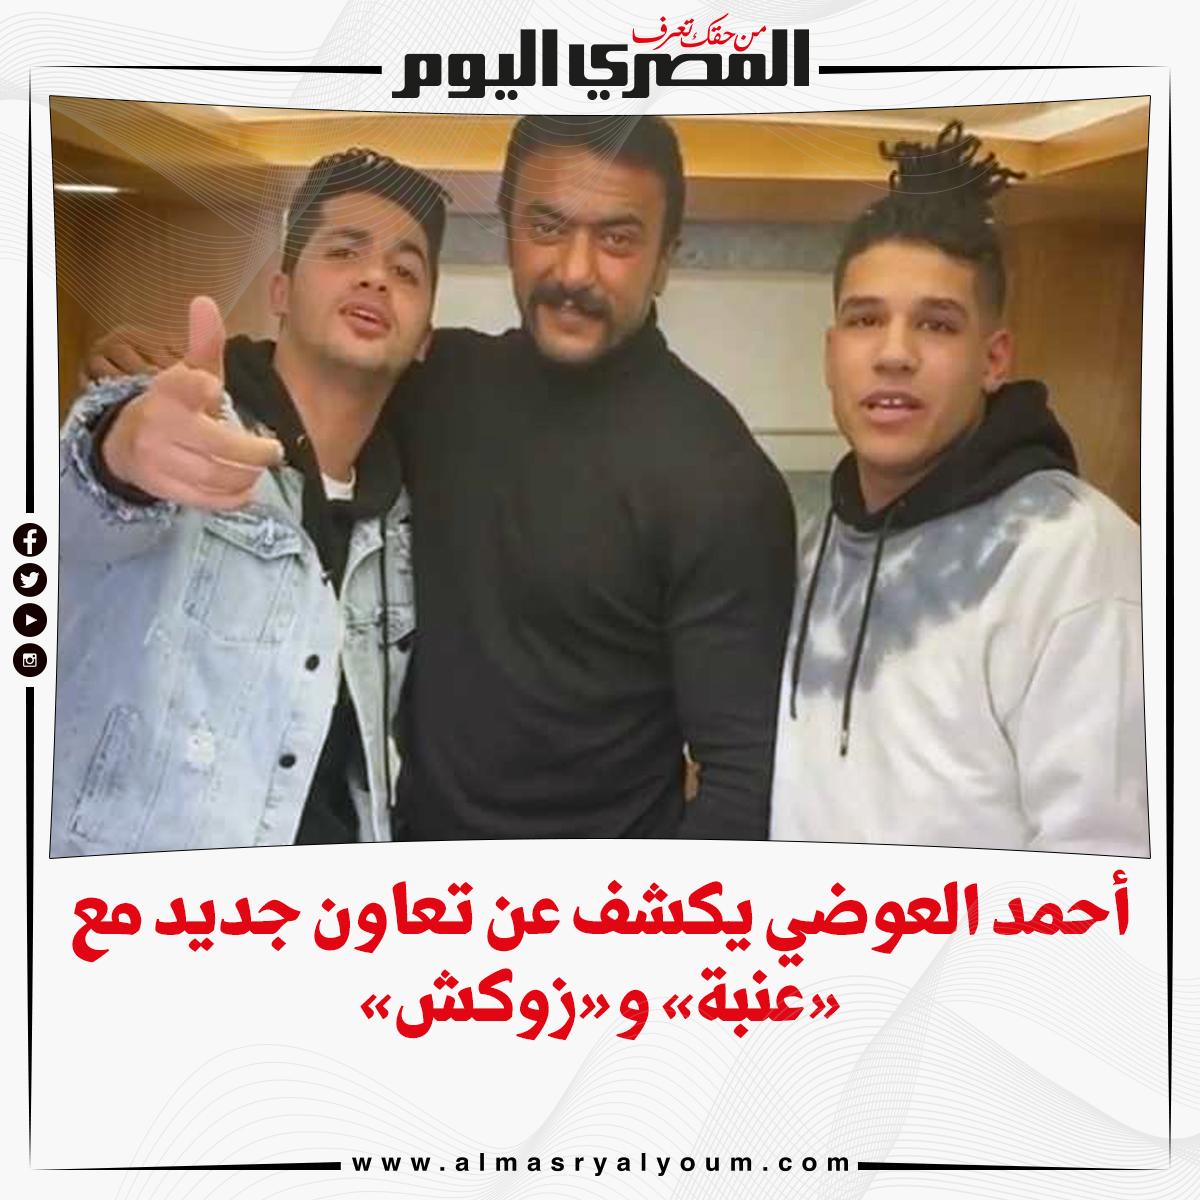 أحمد العوضي يكشف عن تعاون جديد مع « عنبة» و« زوكش»